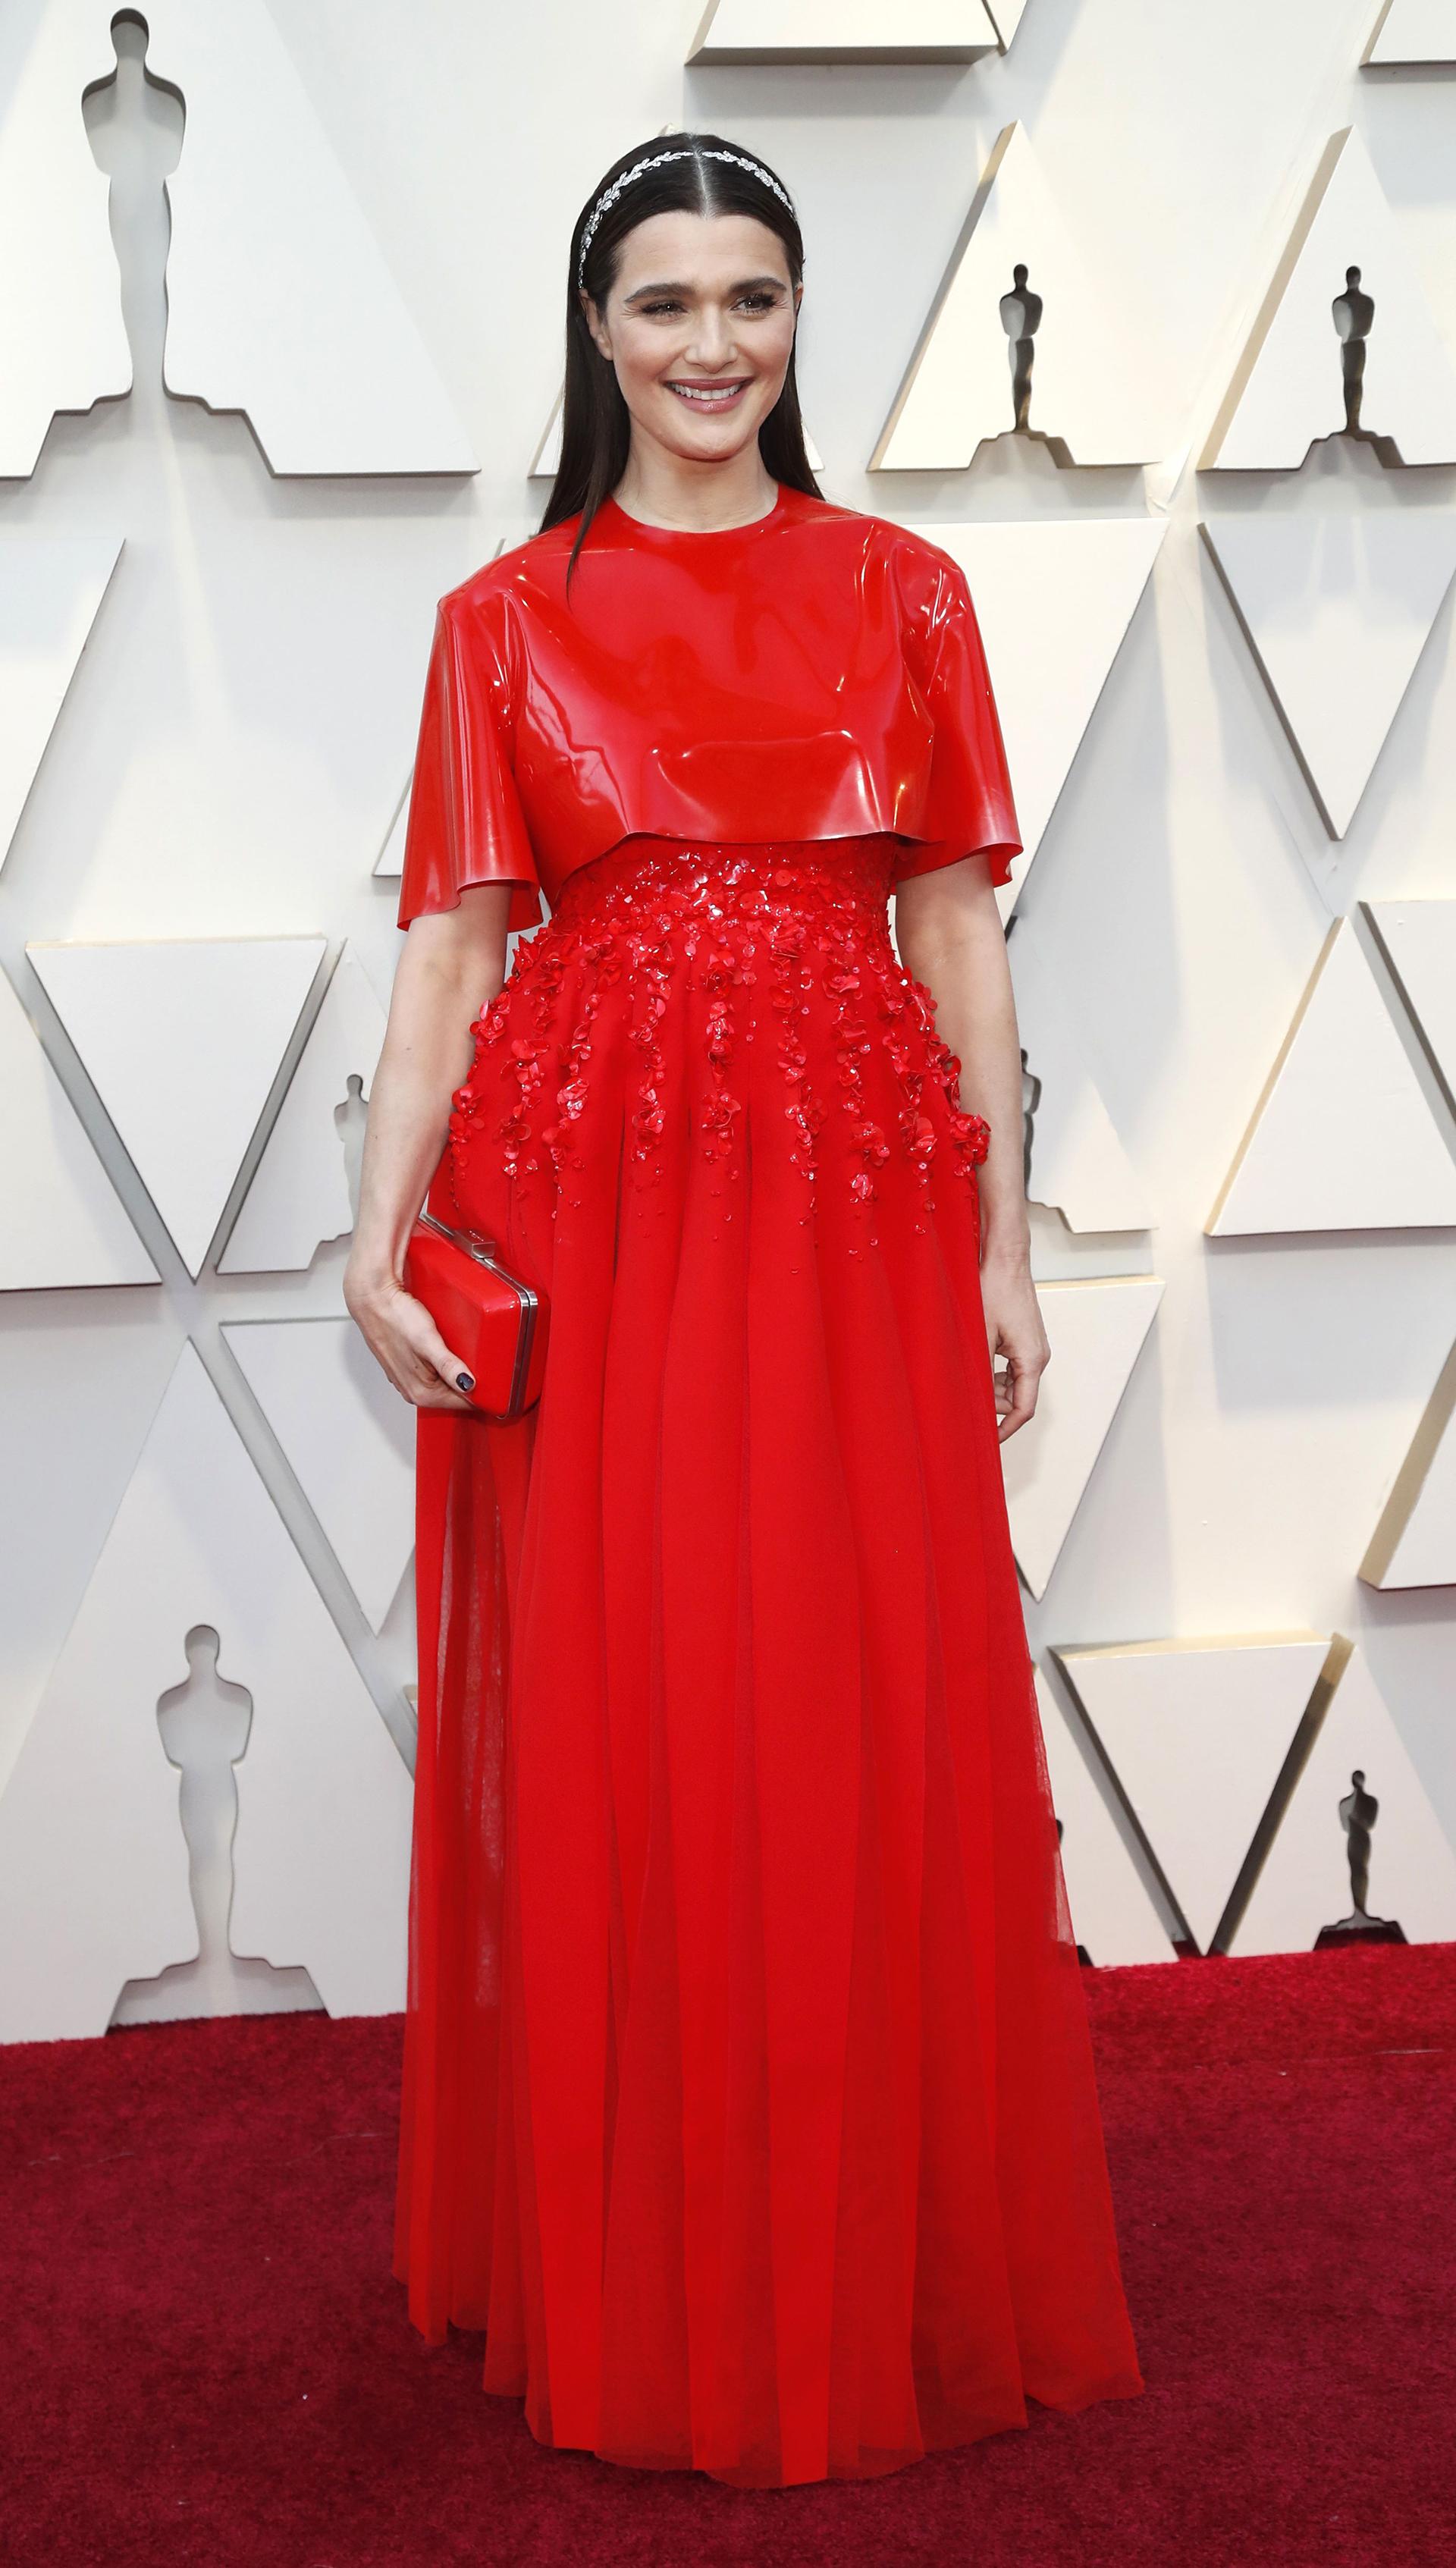 Rachel Weisz apostó al total red look. Con superposición de prendas, un top de vinilo y vestido plisado bordado, completó el look con clutch rígido y vincha de laureles plateados